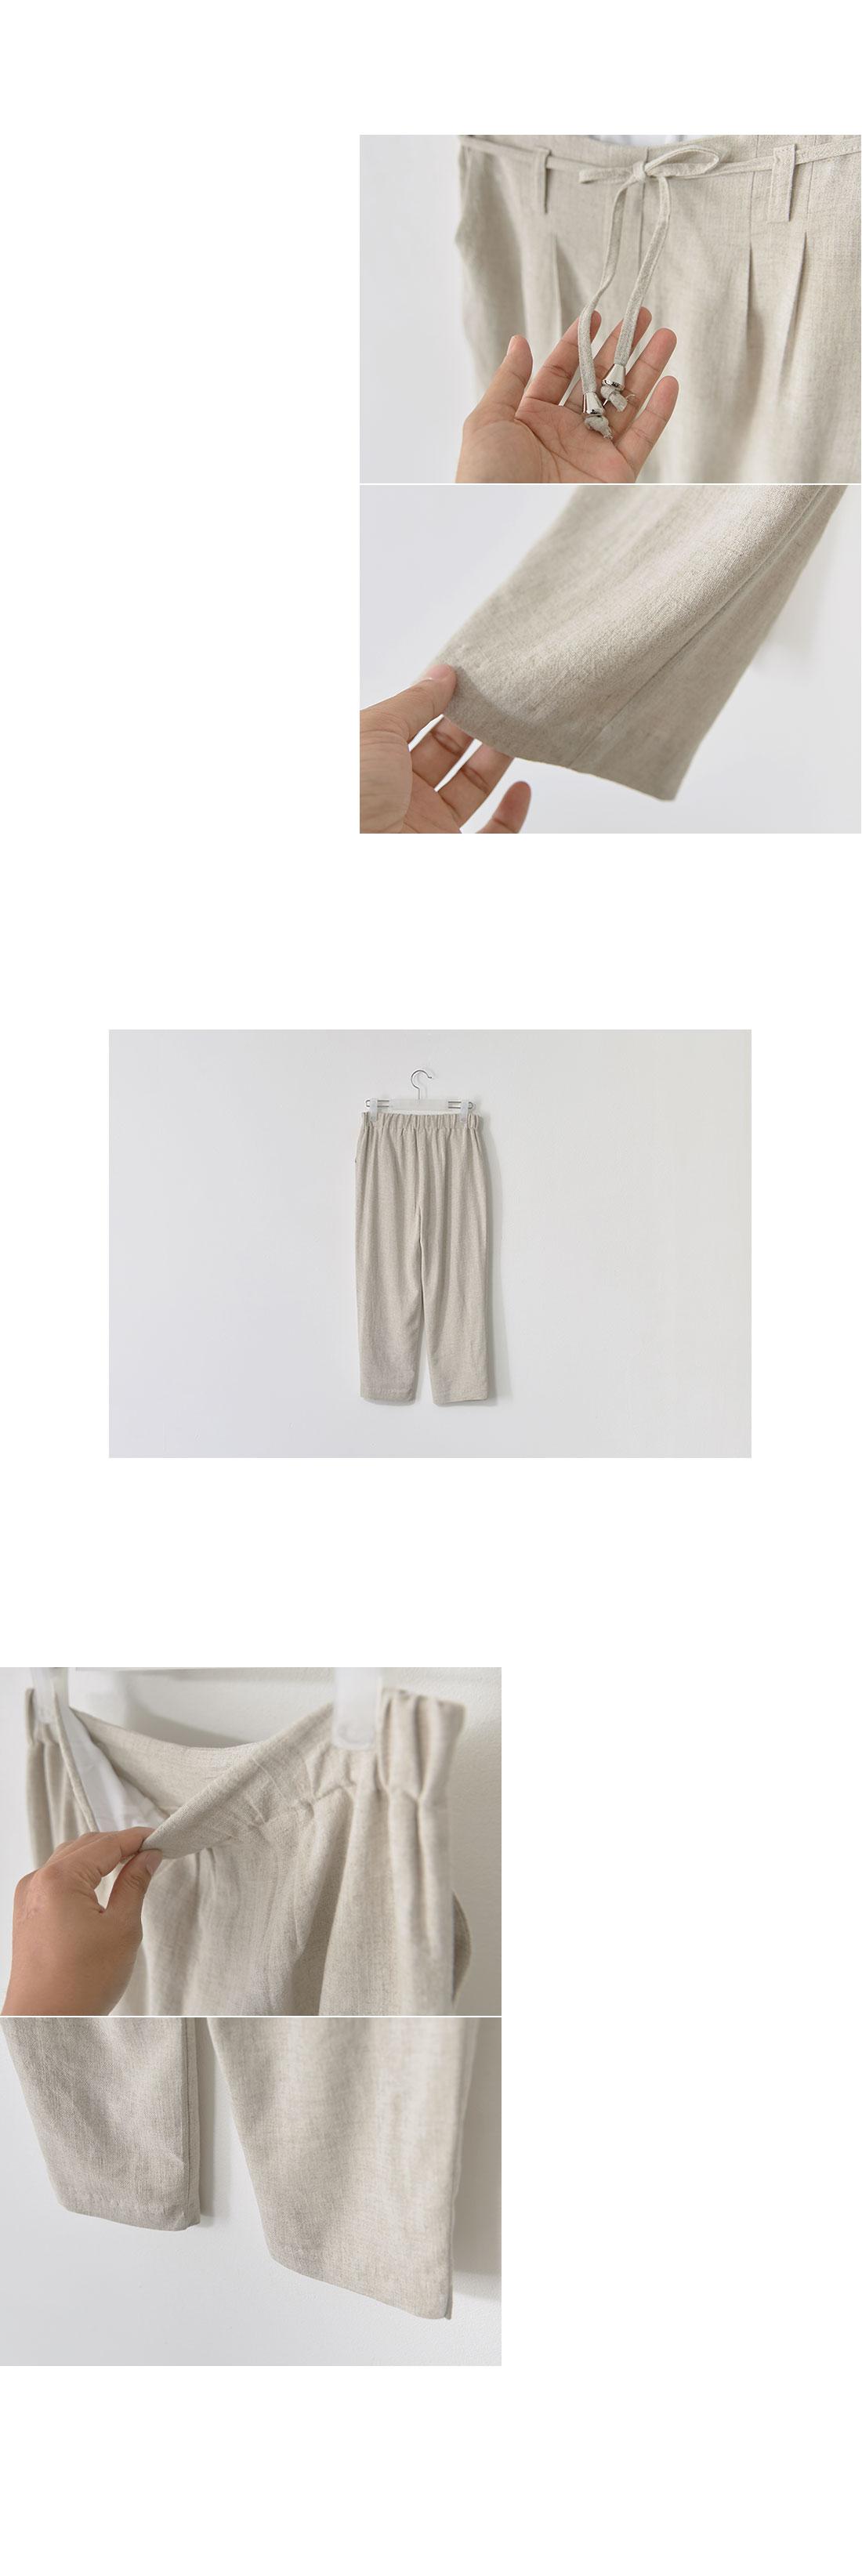 Kies rear banding string pintag slacks #73001